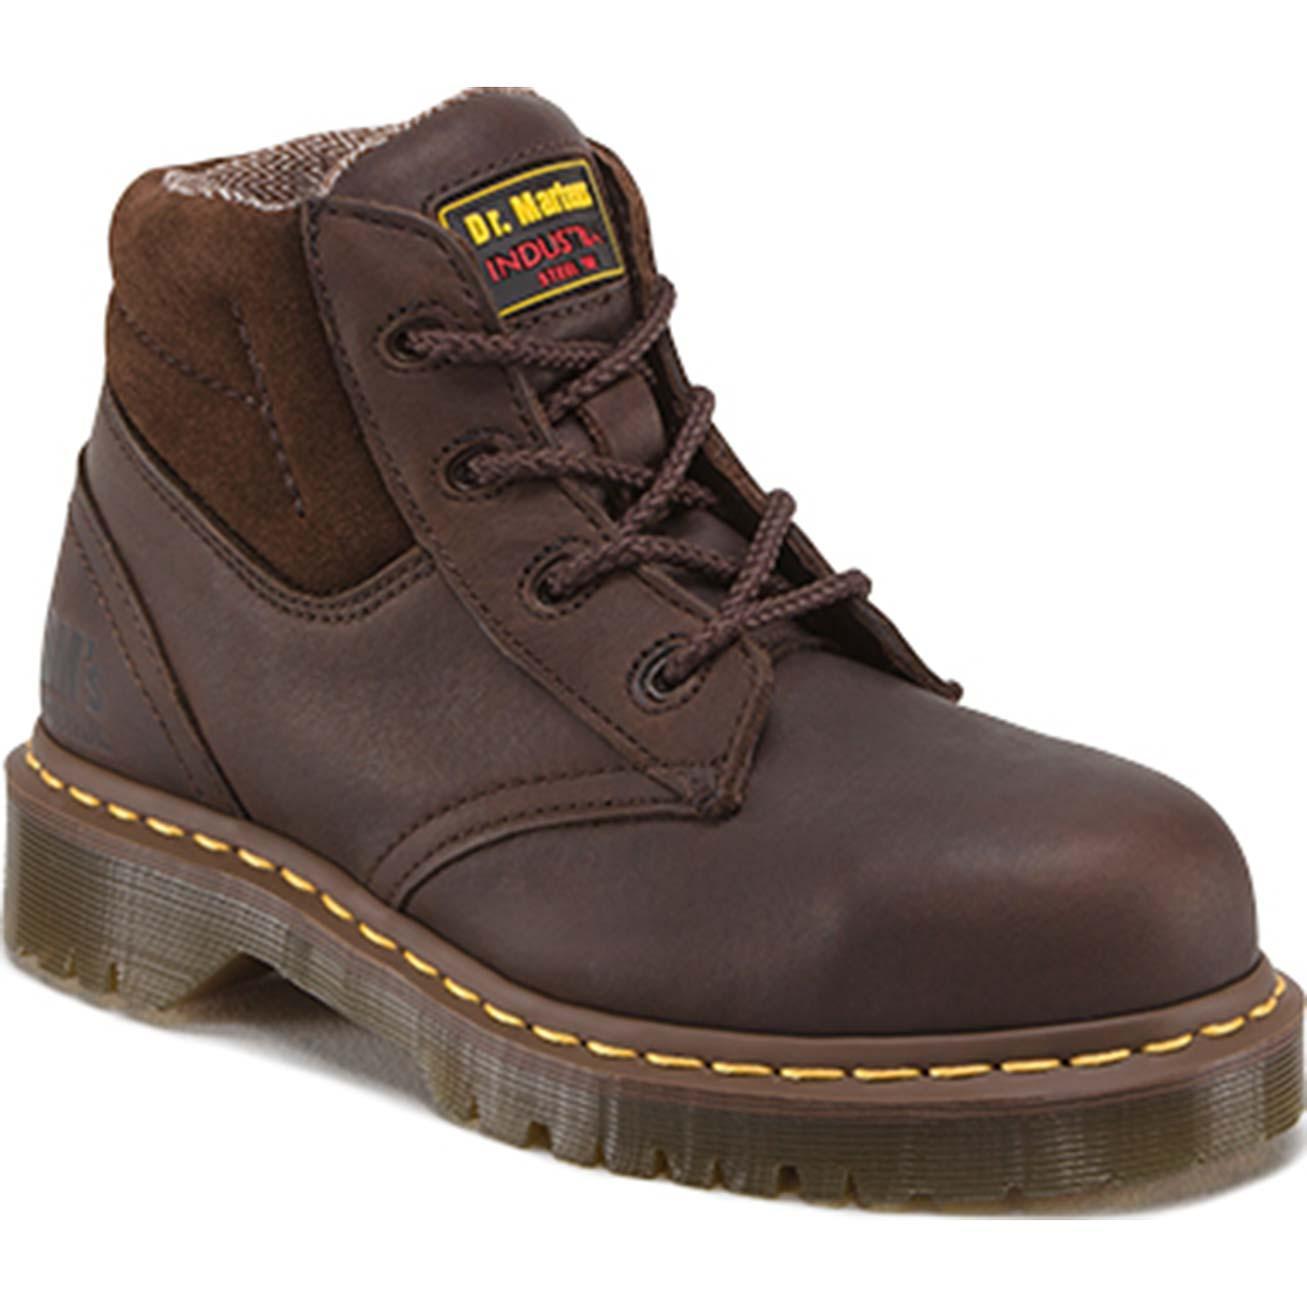 Clarks Steel Toe Shoes